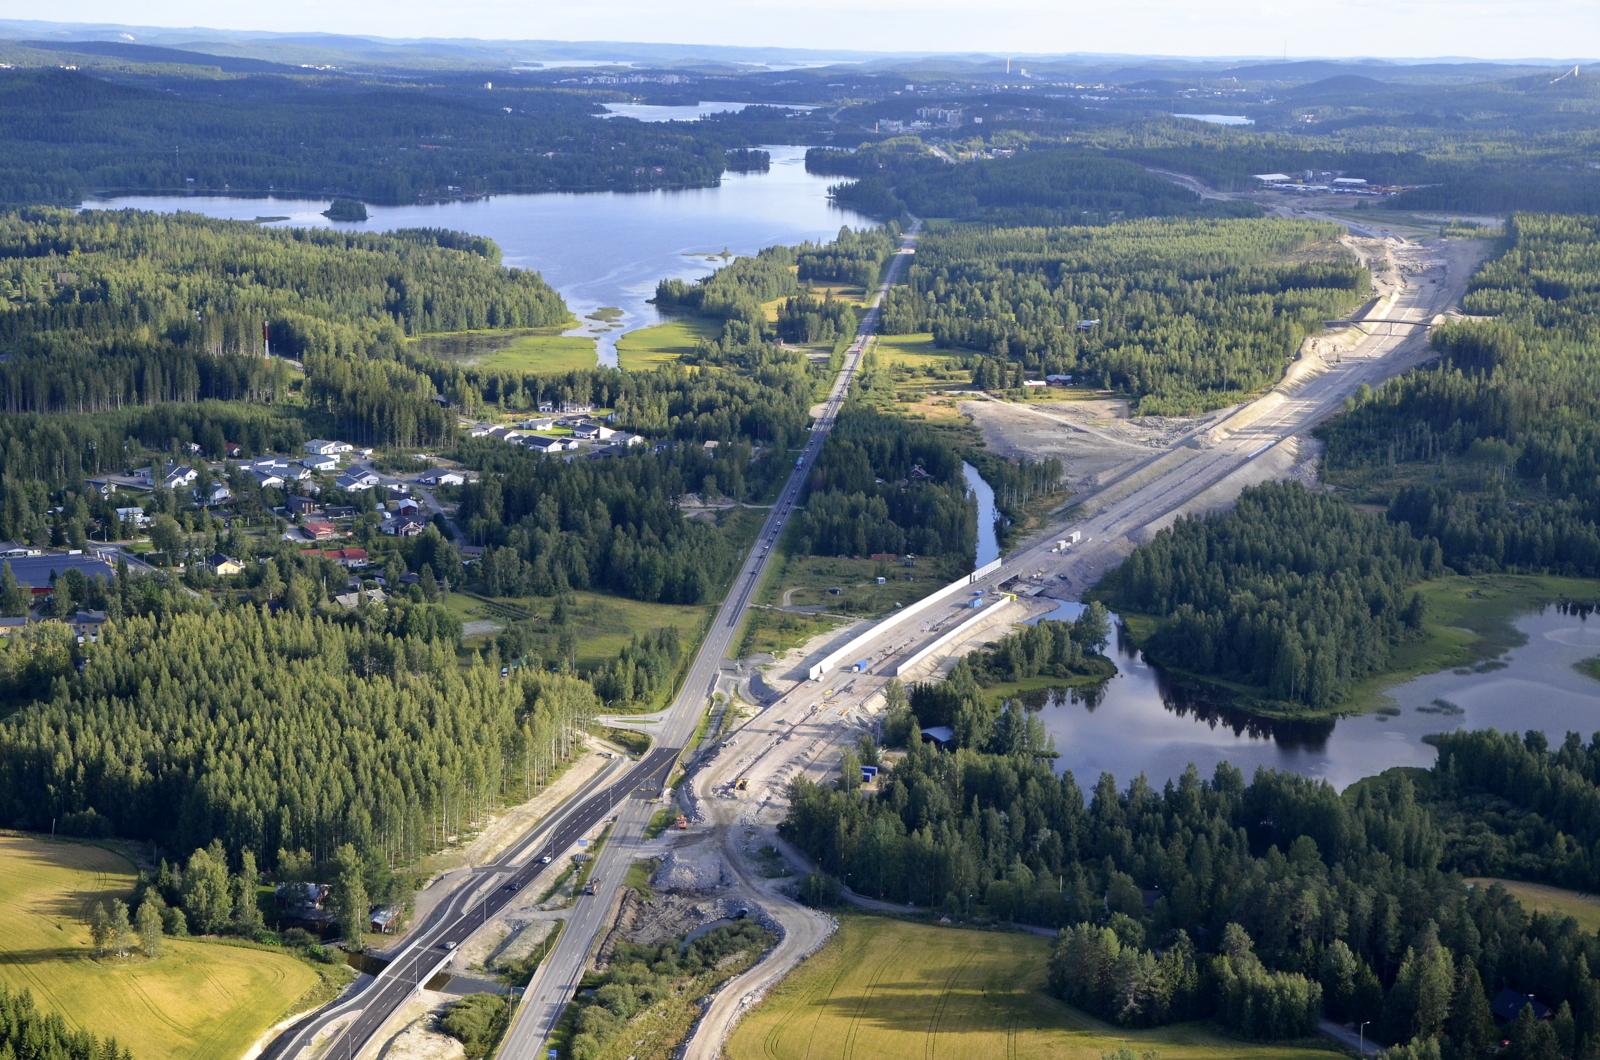 Korttajärvi oikealla. Laskee vetensä Alvajärveen vasemmalle.